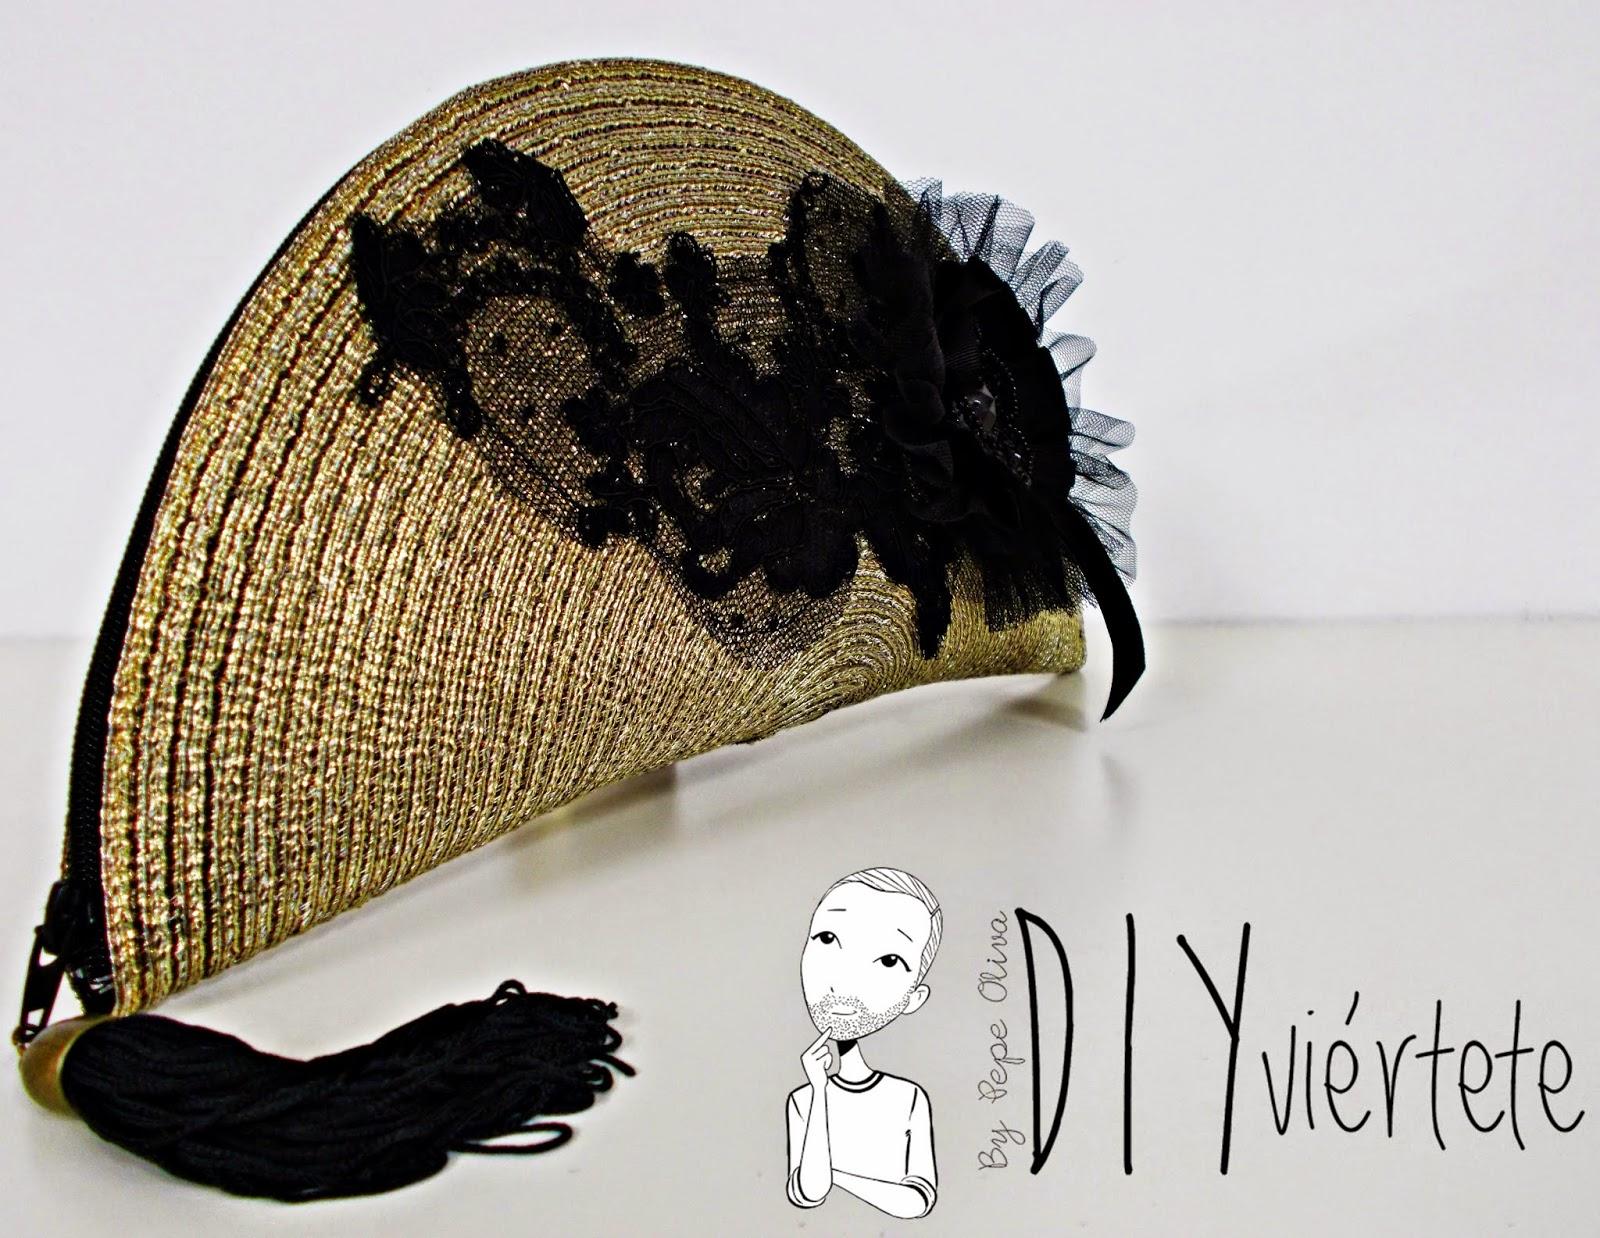 DIY-clutch-cartera-salvamanteles-zarahome-reutilizar-reciclar-bolso fiesta-nochevieja-dorado-encaje-pasamanería-1